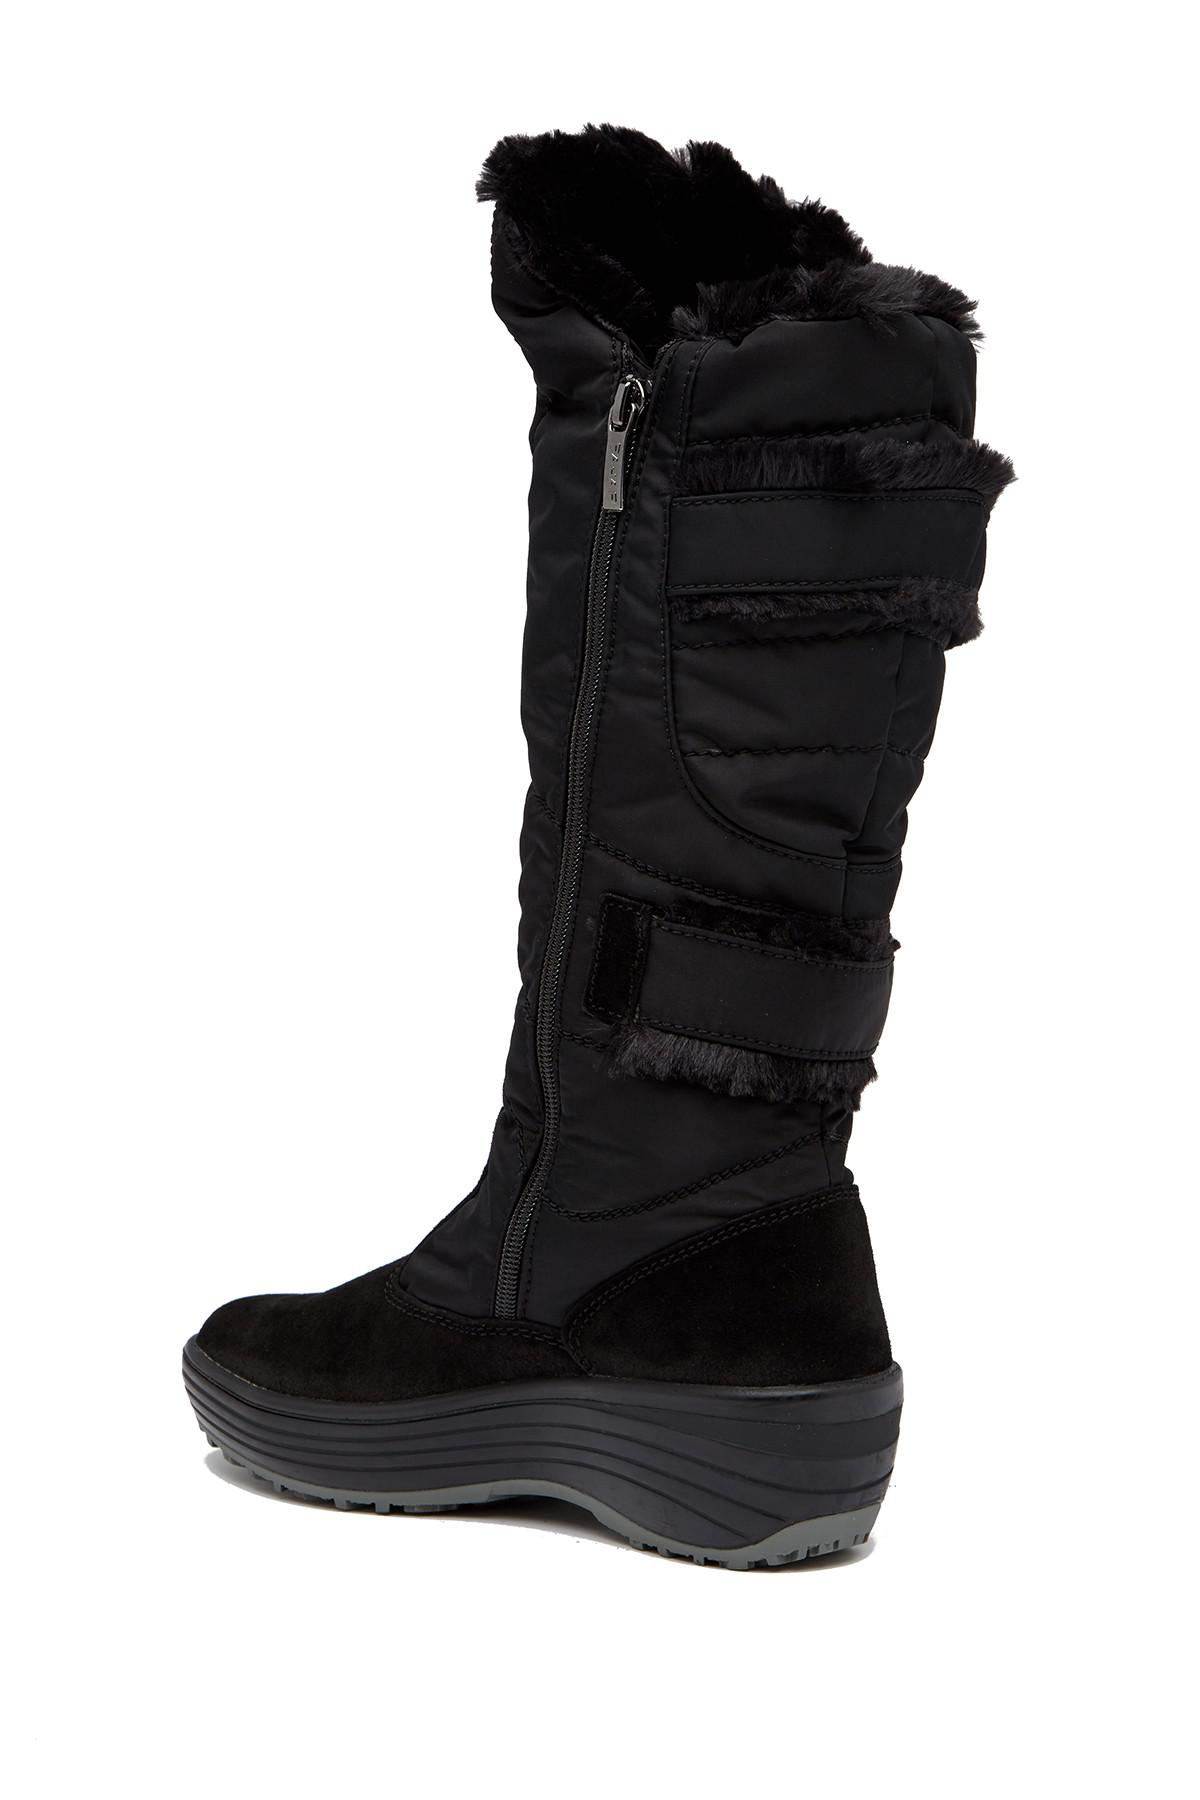 Pajar Carmin Waterproof Faux Fur Boot In Black Lyst